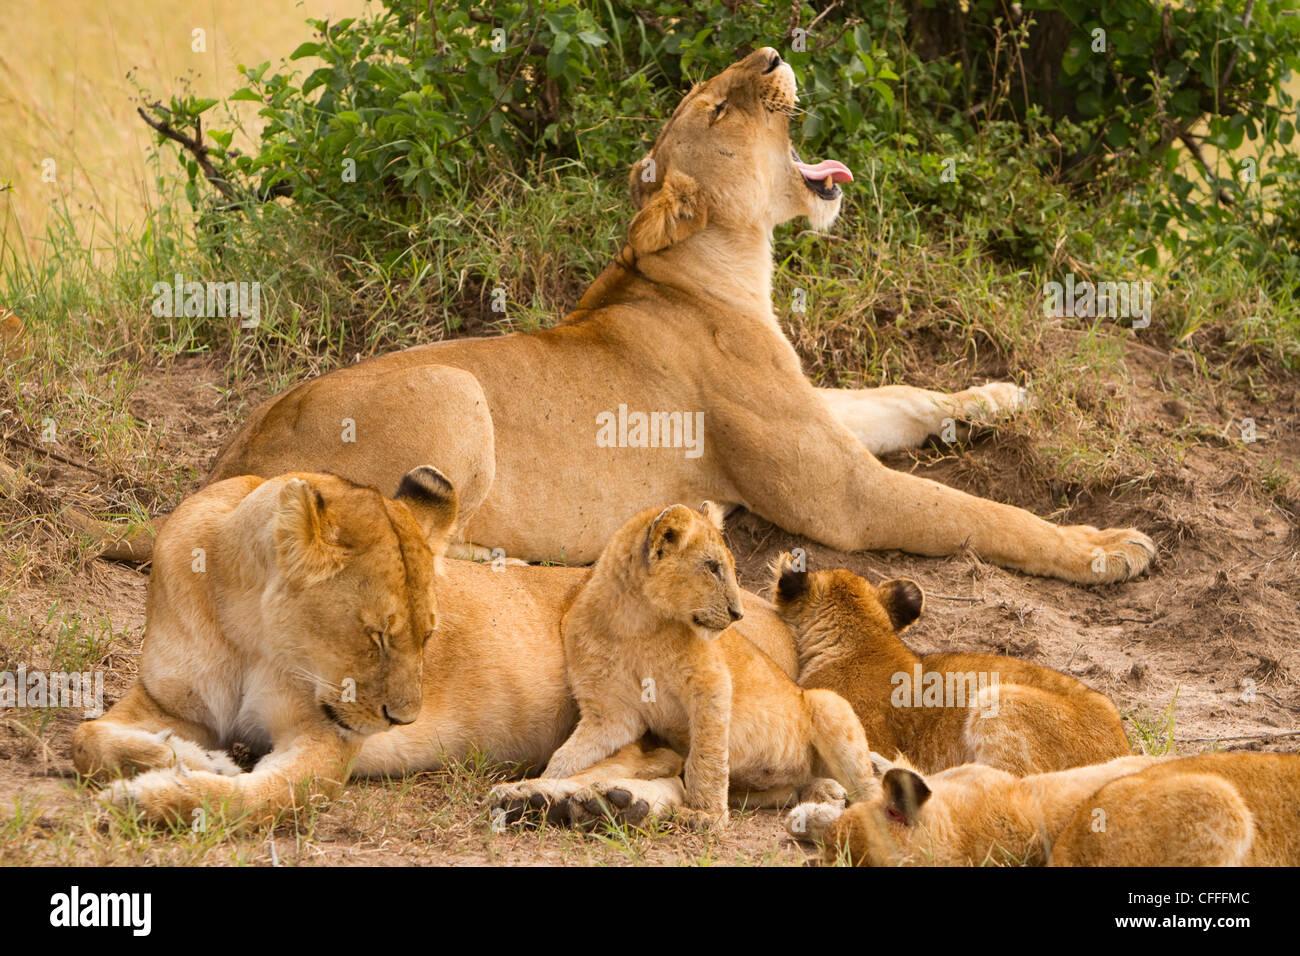 Löwen halten Sie ein Auge über die Masai Mara, Kenia Domäne. Stockbild